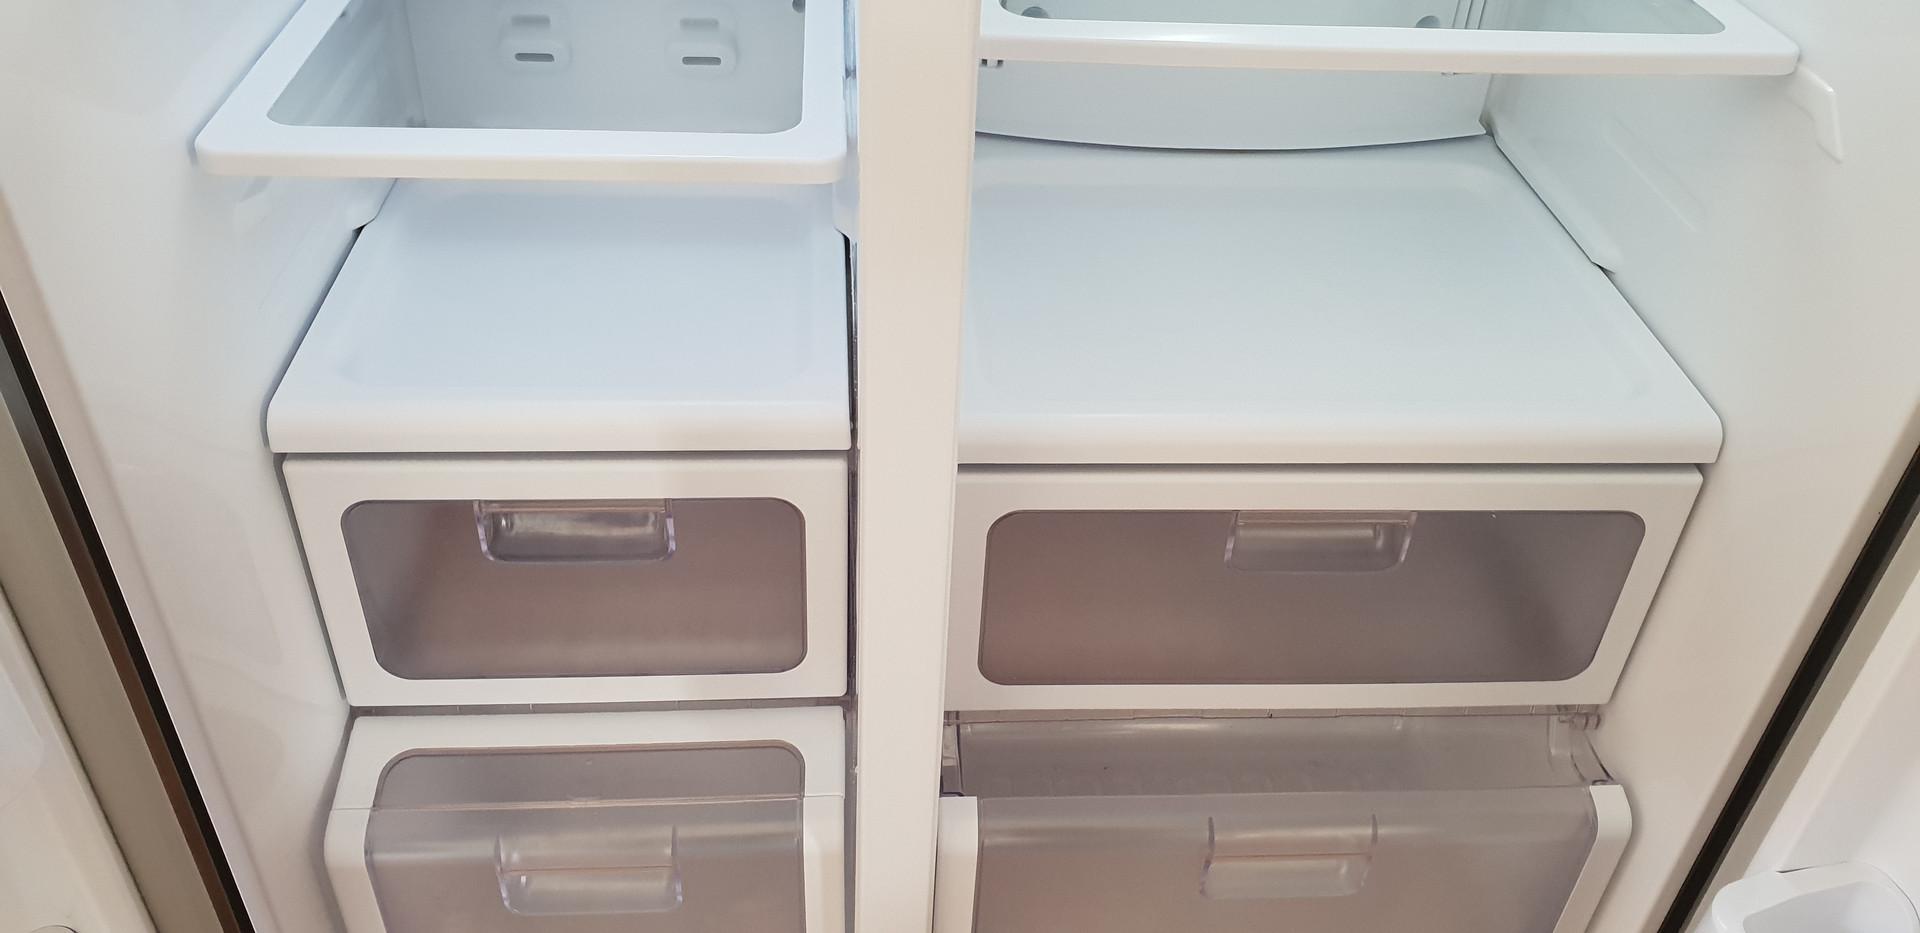 Inside fridge after clean